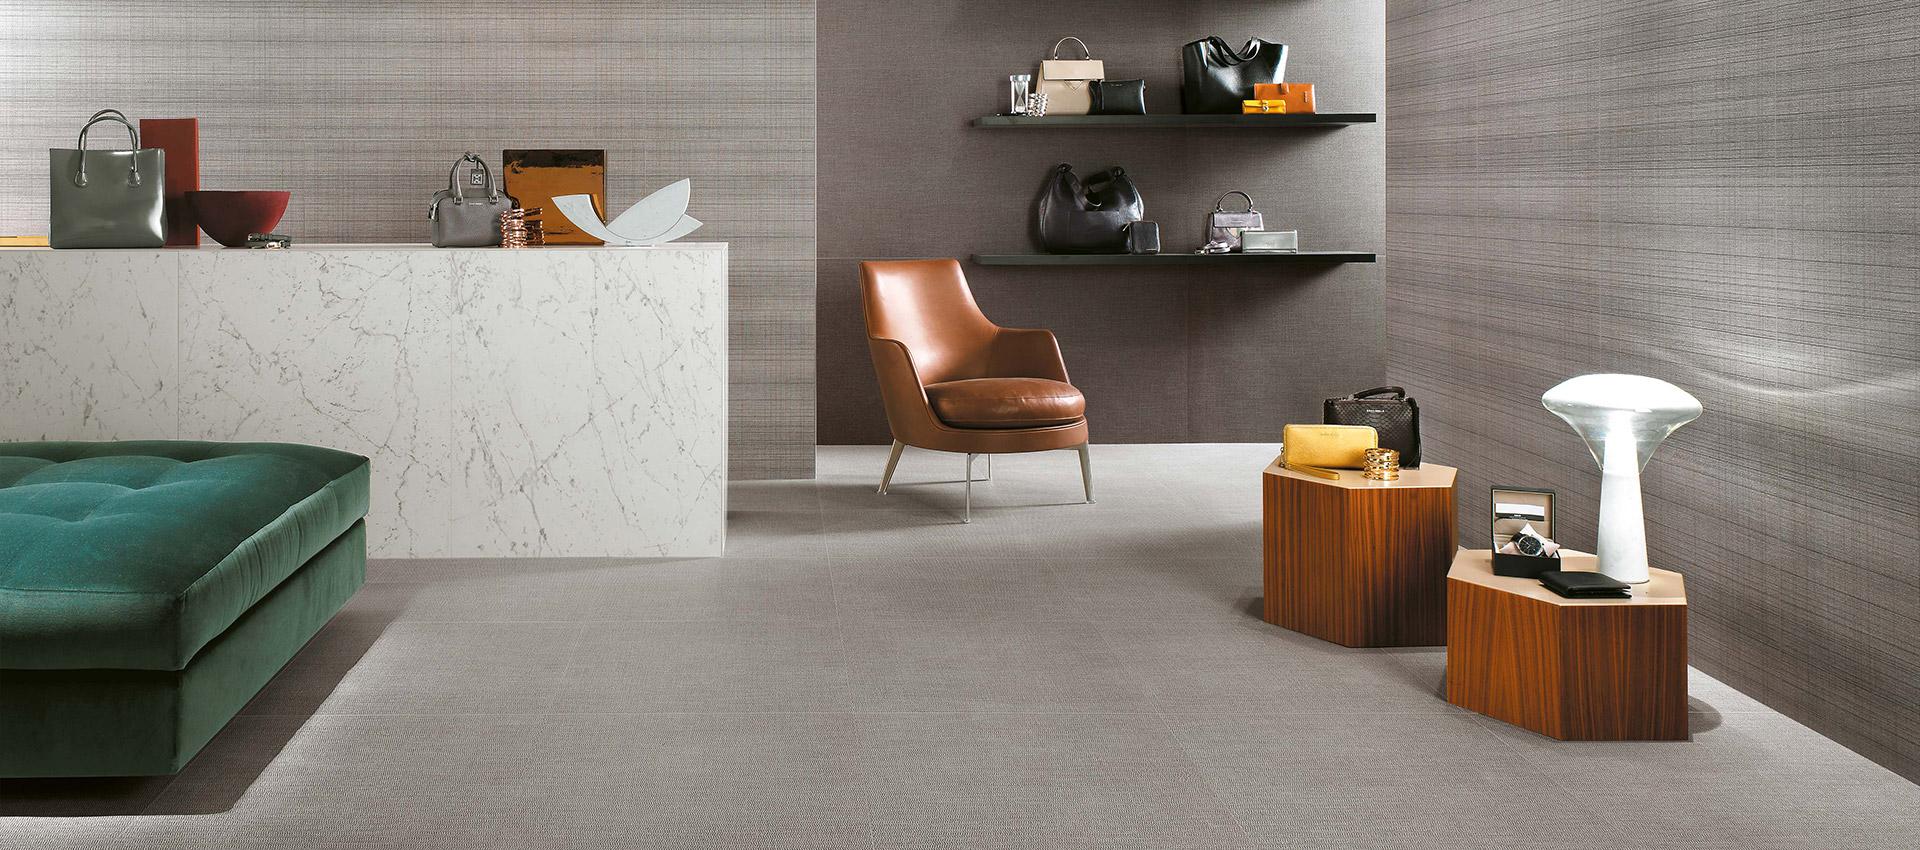 fliesenhandel fliesen direkt vom hersteller fliesen kaufen ab werk. Black Bedroom Furniture Sets. Home Design Ideas